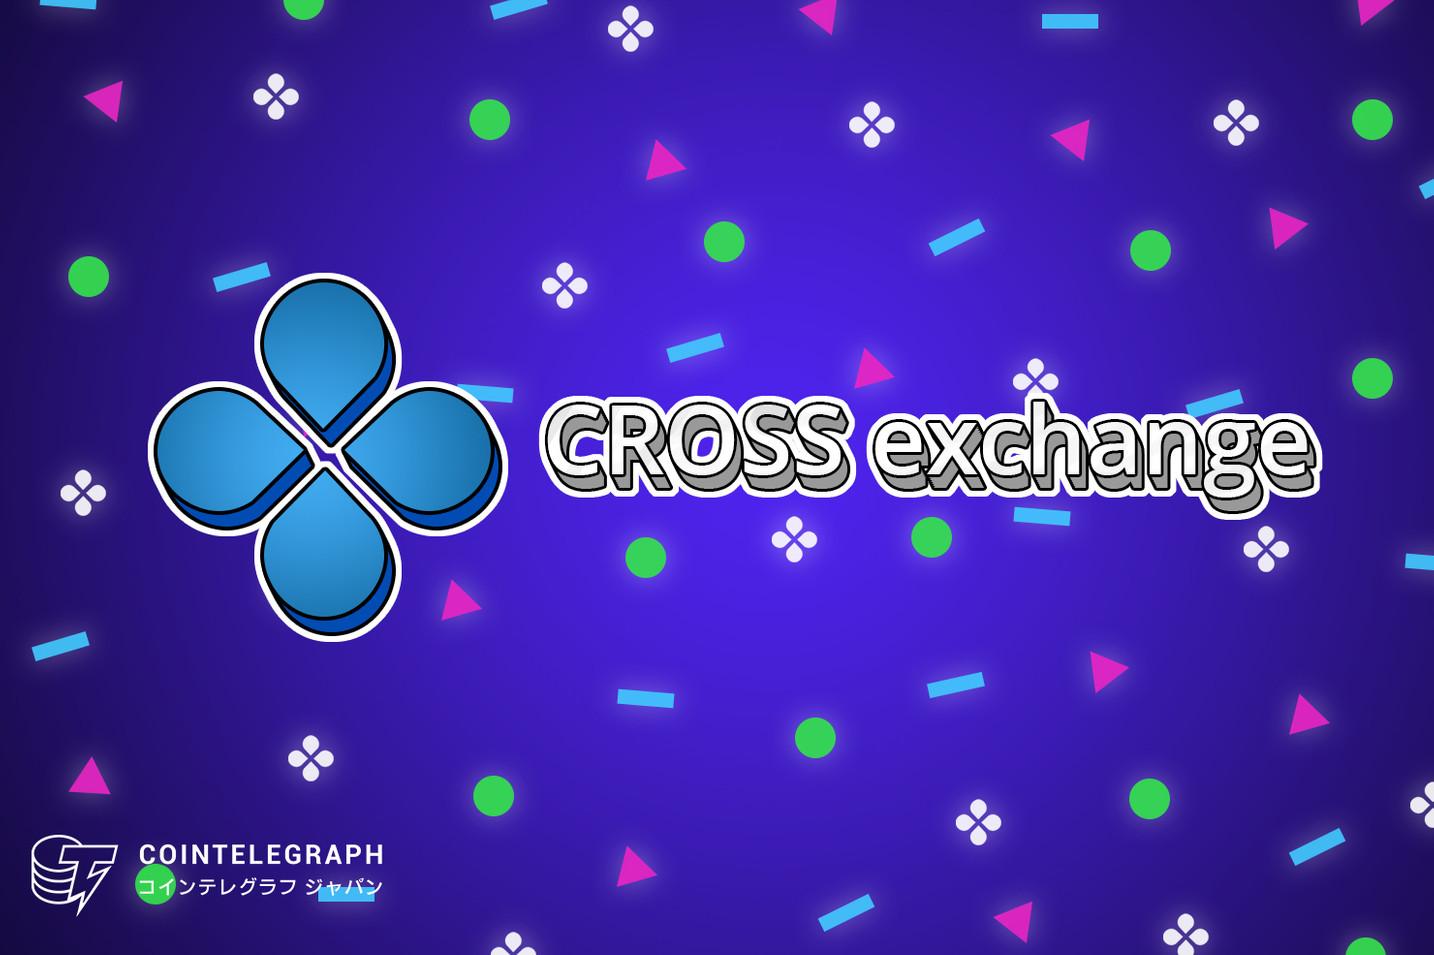 注目の仮想通貨取引所のCROSS exchangeを運営する、CROSSが独自トークンXCRのIEO実施、100,000,000XEX取得目標、私募ファンドの設立を発表